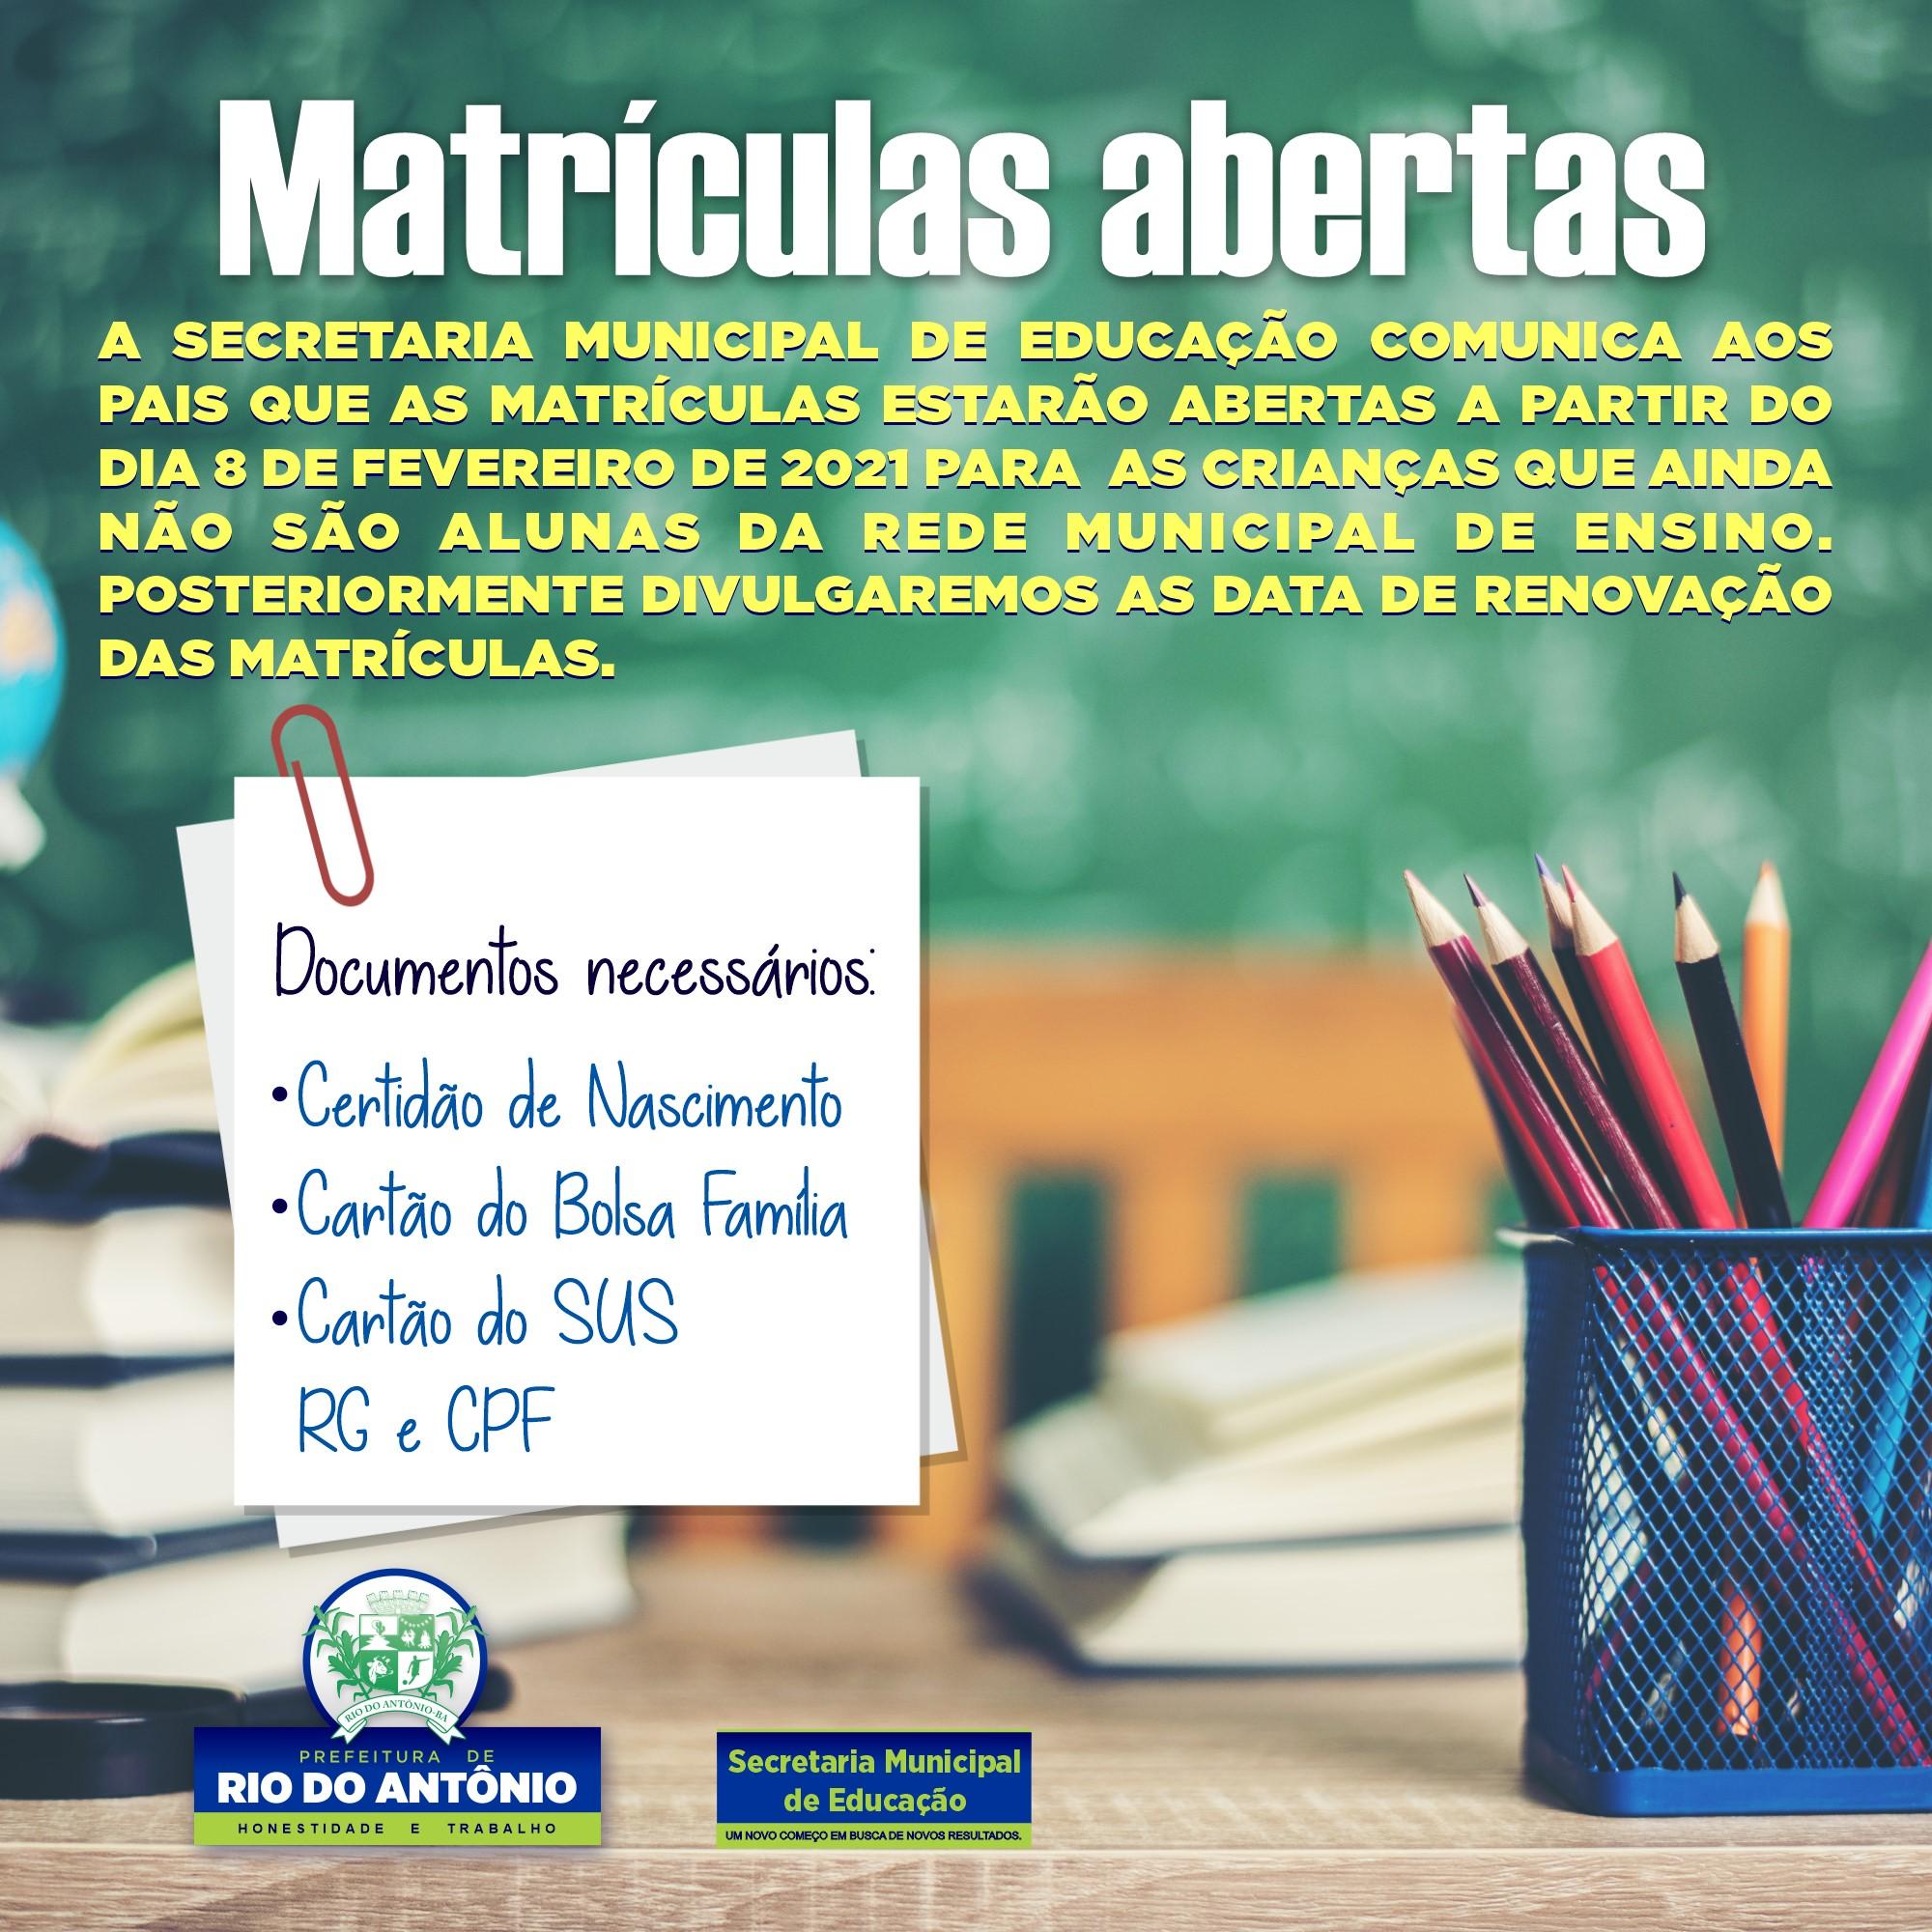 Rio do Antônio: Matrículas para ingresso na rede municipal de ensino terão início na segunda (08)